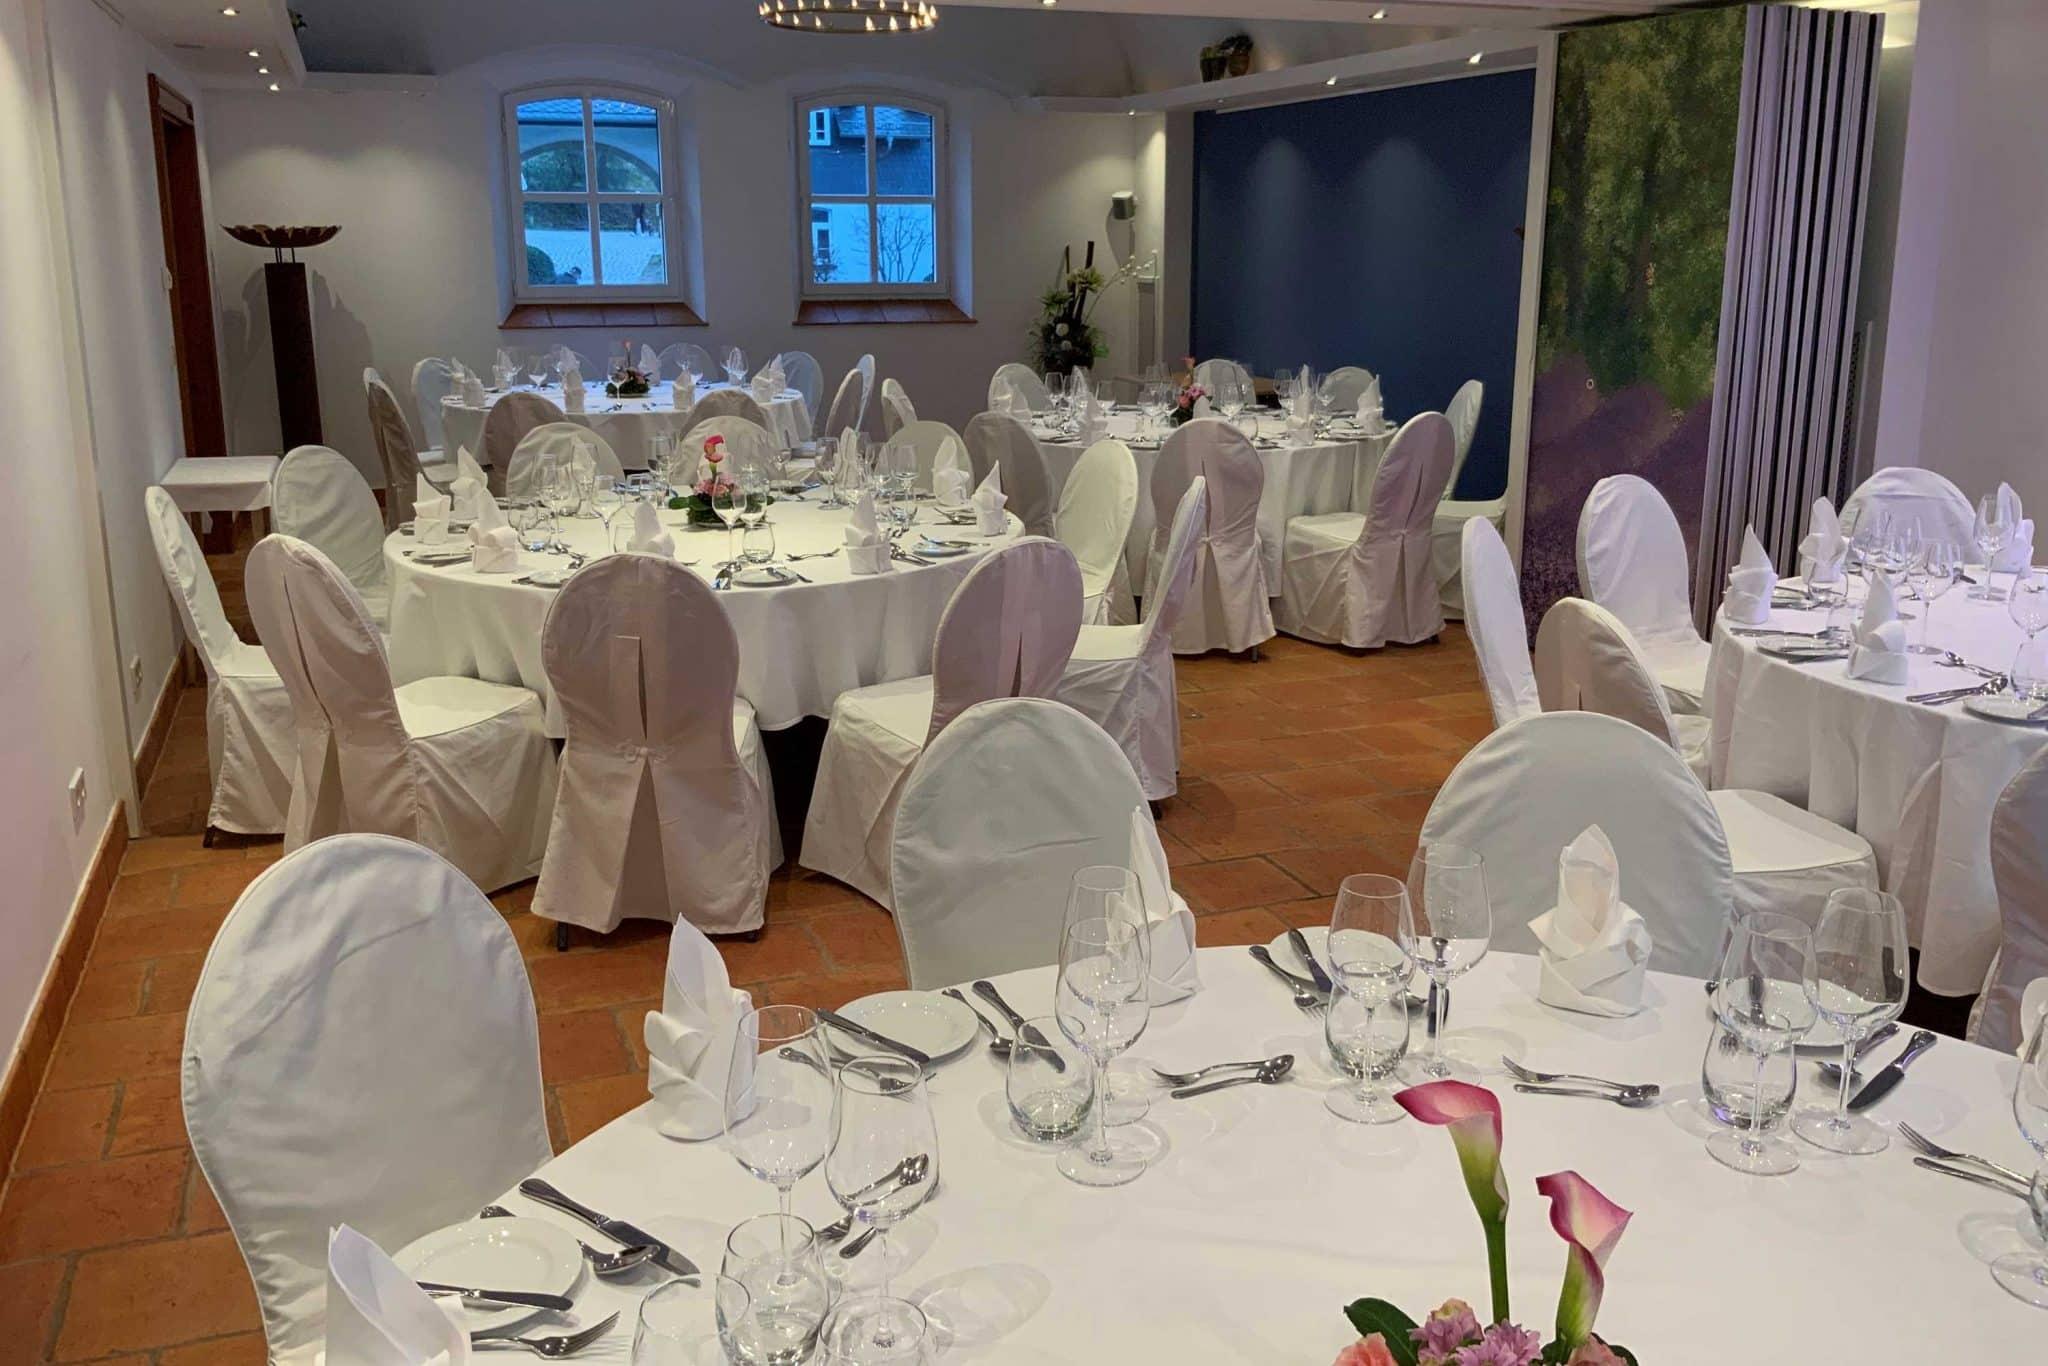 Einblick in die festlich dekorierte Hochzeitslocation in Wiesbaden Hofgut Georgenthal